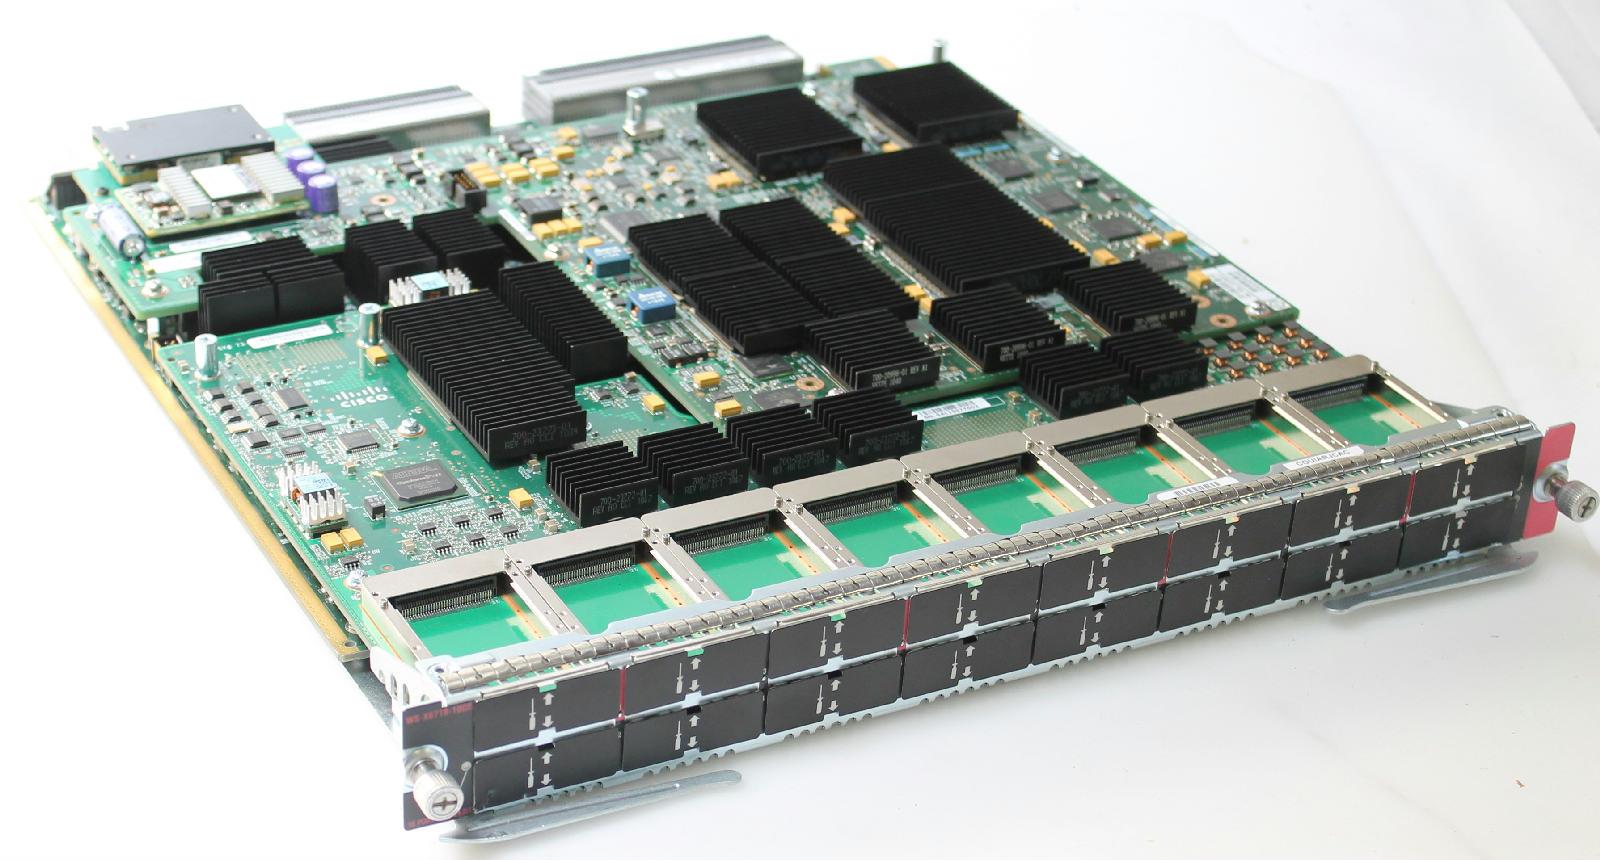 Cisco WS-X6716-10GE Catalyst 6500 16-Port 10 Gigabit